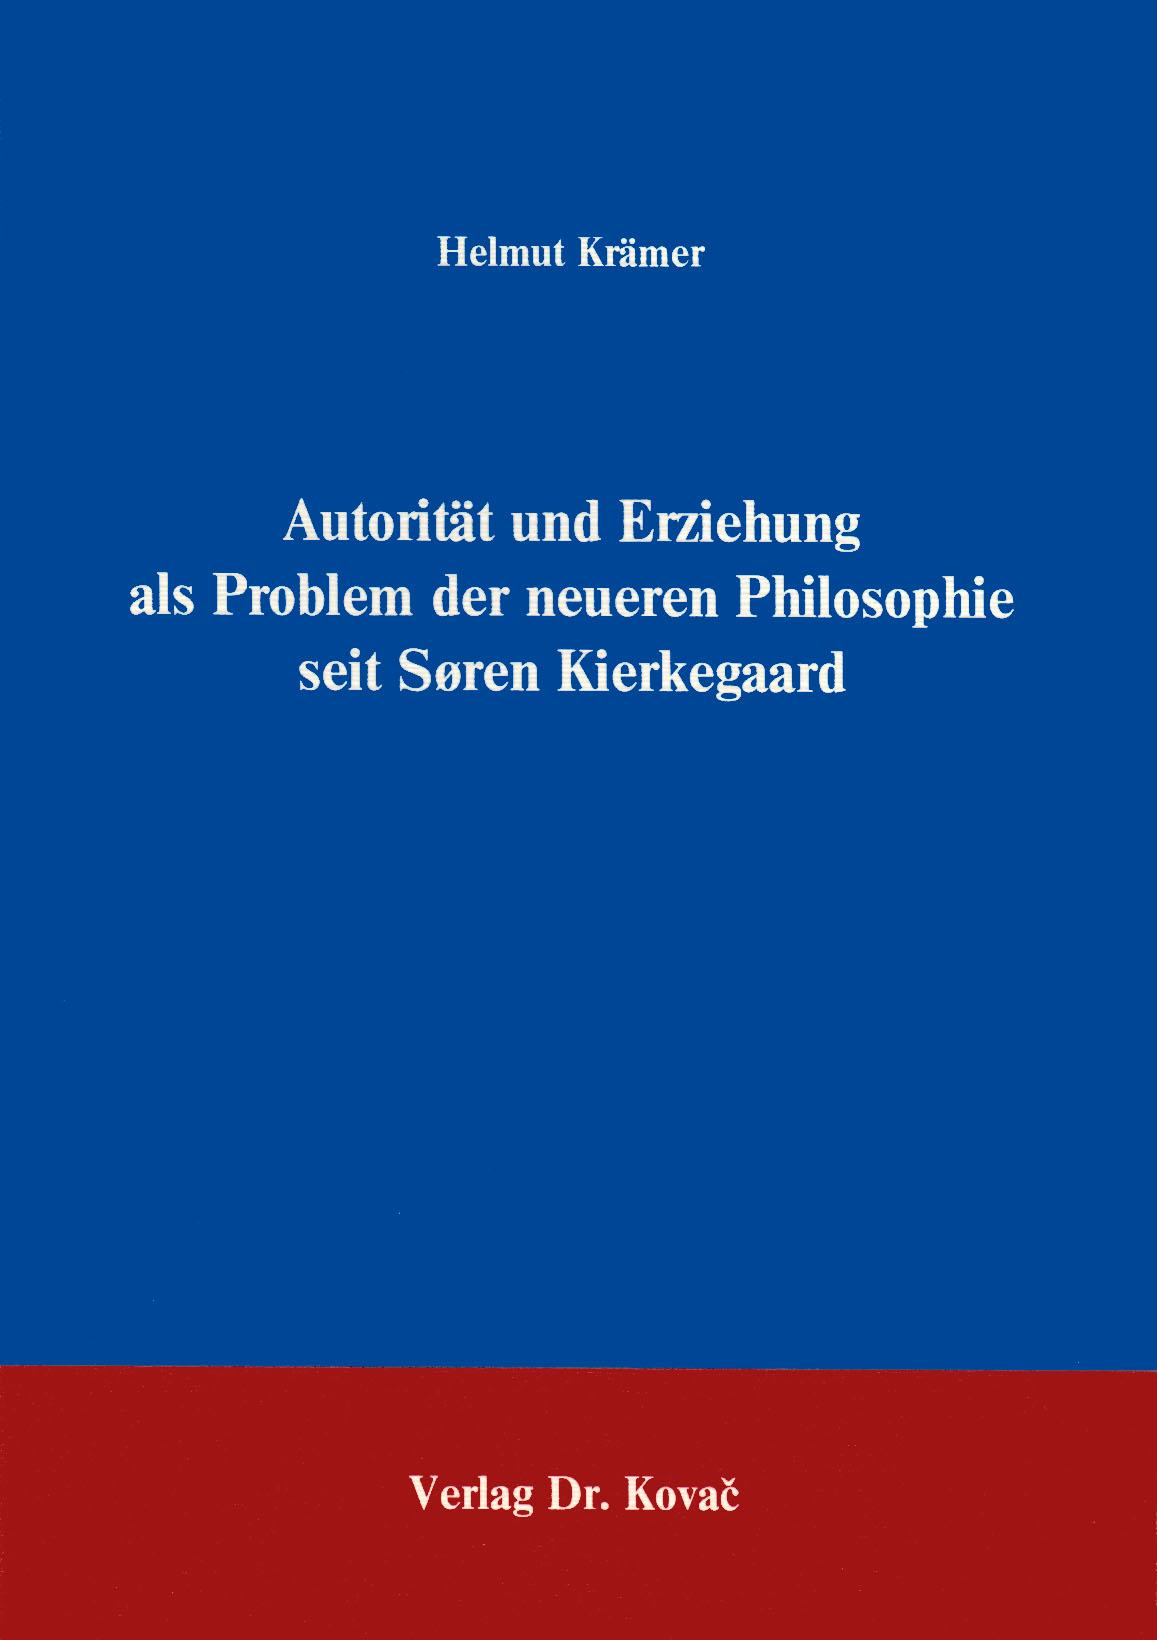 Cover: Autorität und Erziehung als Problem der neueren Philosophie seit Søren Kierkegaard